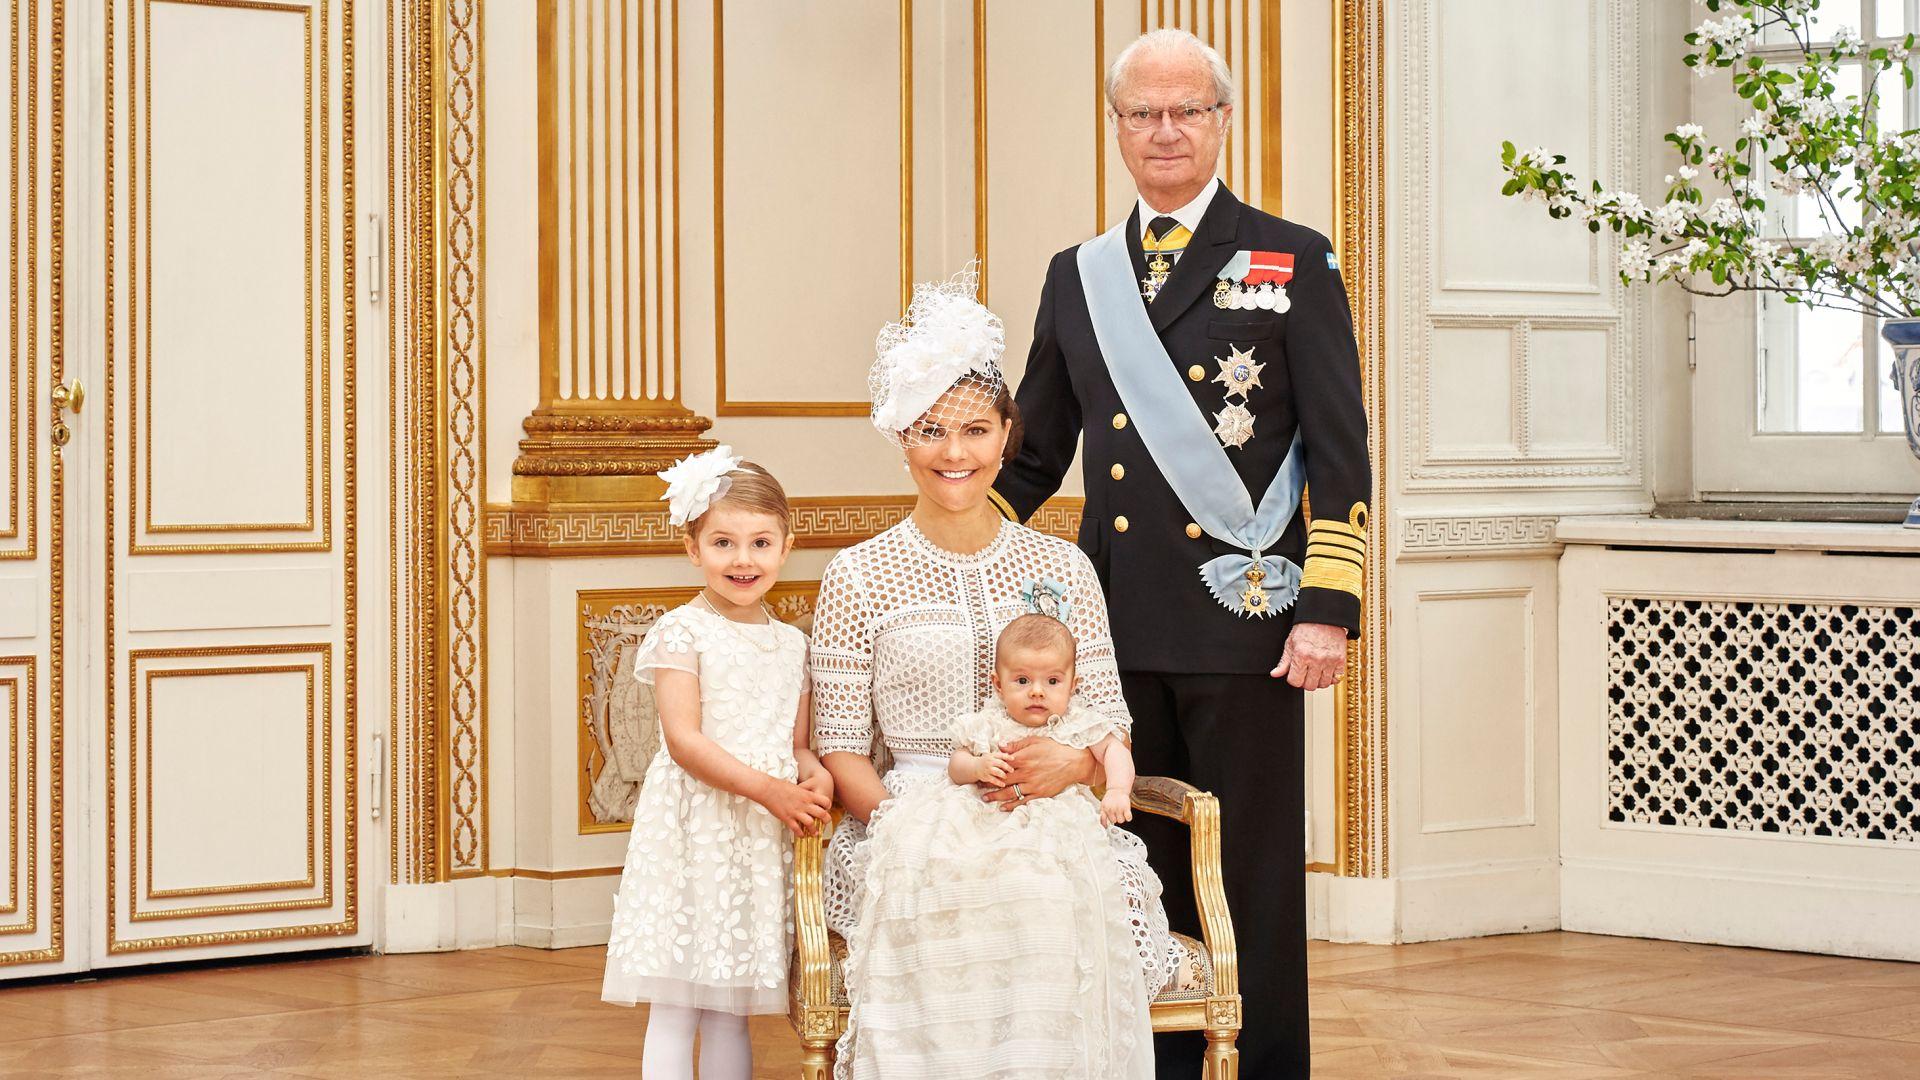 Петима от внуците на шведския крал вече не са официални членове на кралското семейство